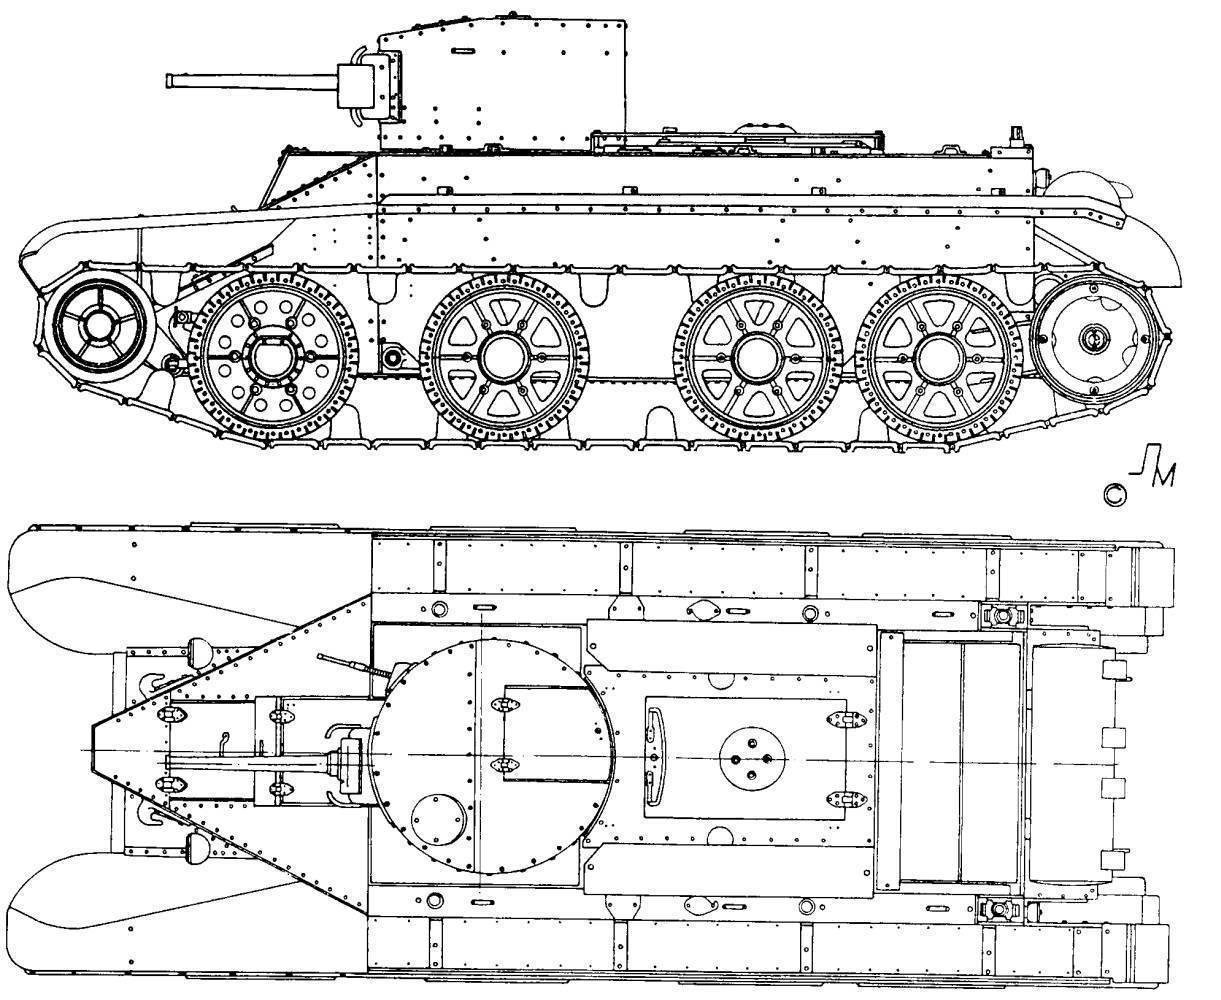 Бт-5 - обзор, гайд, характеристика, советы для легкого танка бт-5 из игры world of tanks на официальном сайте wiki.wargaming.net